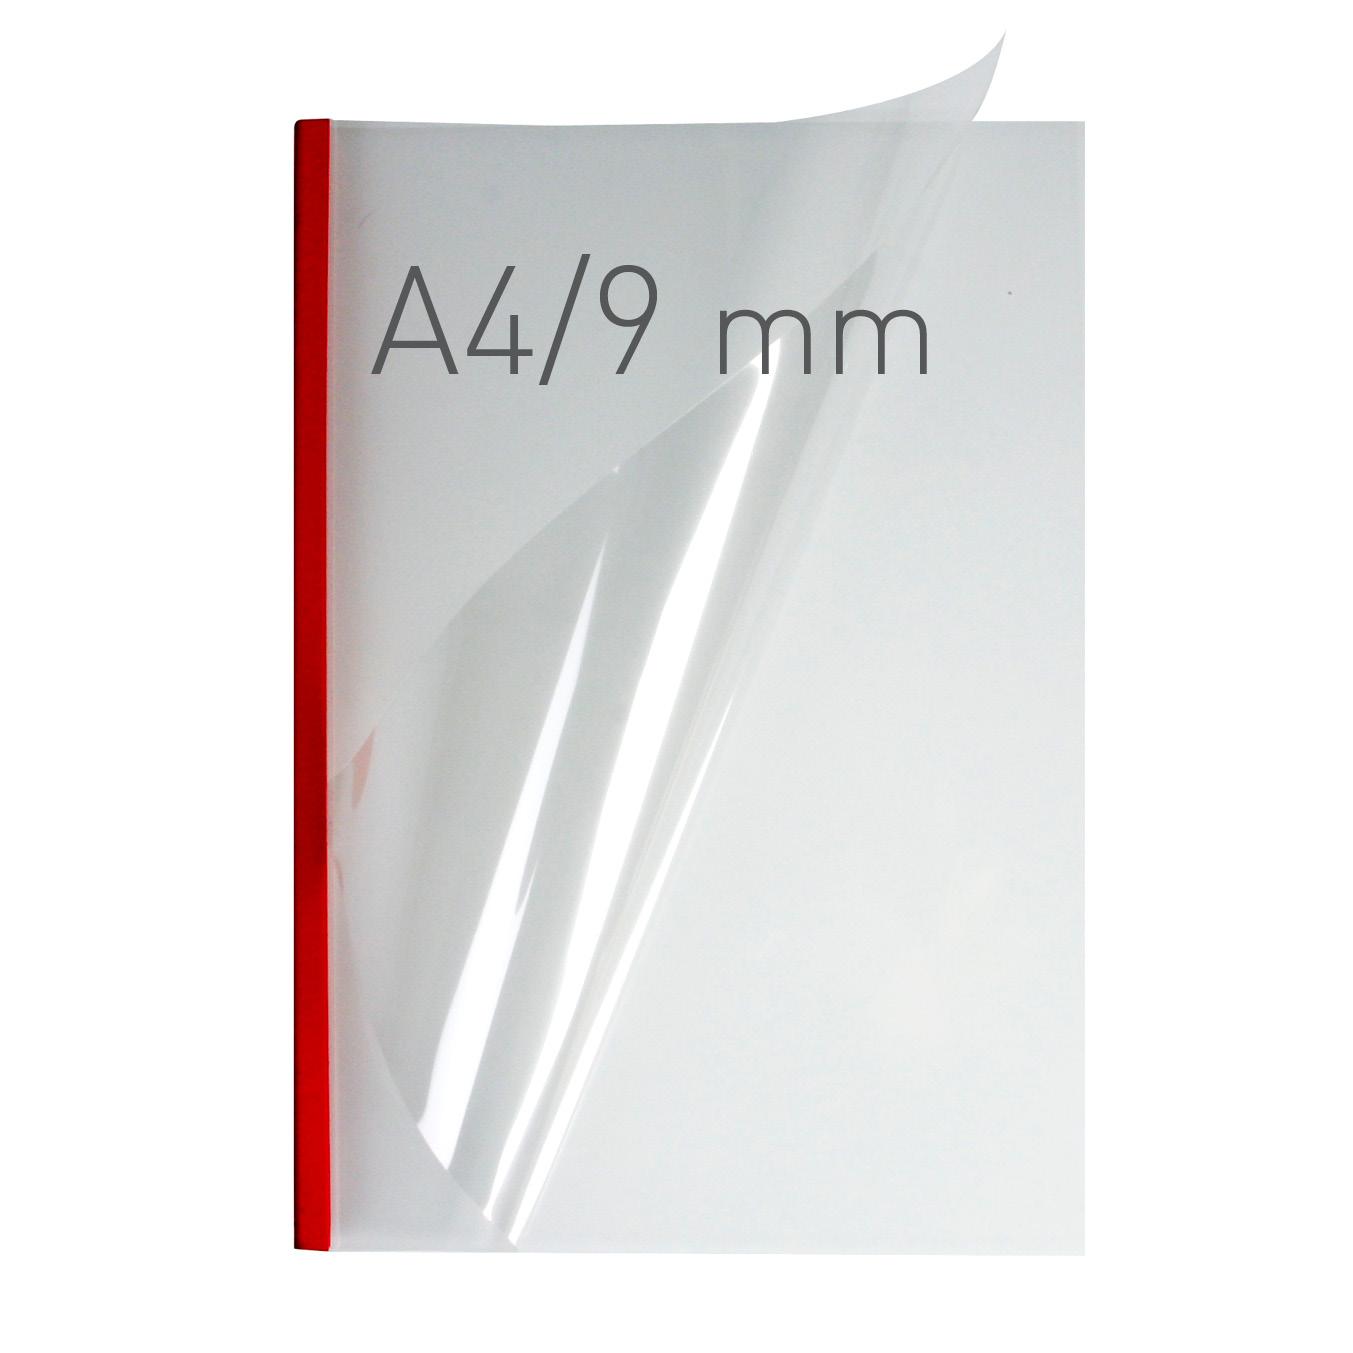 Przezroczyste termookładki miękkie - O.THERMOTOP Double Clear - (9 mm) - 297 x 210 mm (A4 pionowa) - czerwony - 40 sztuk